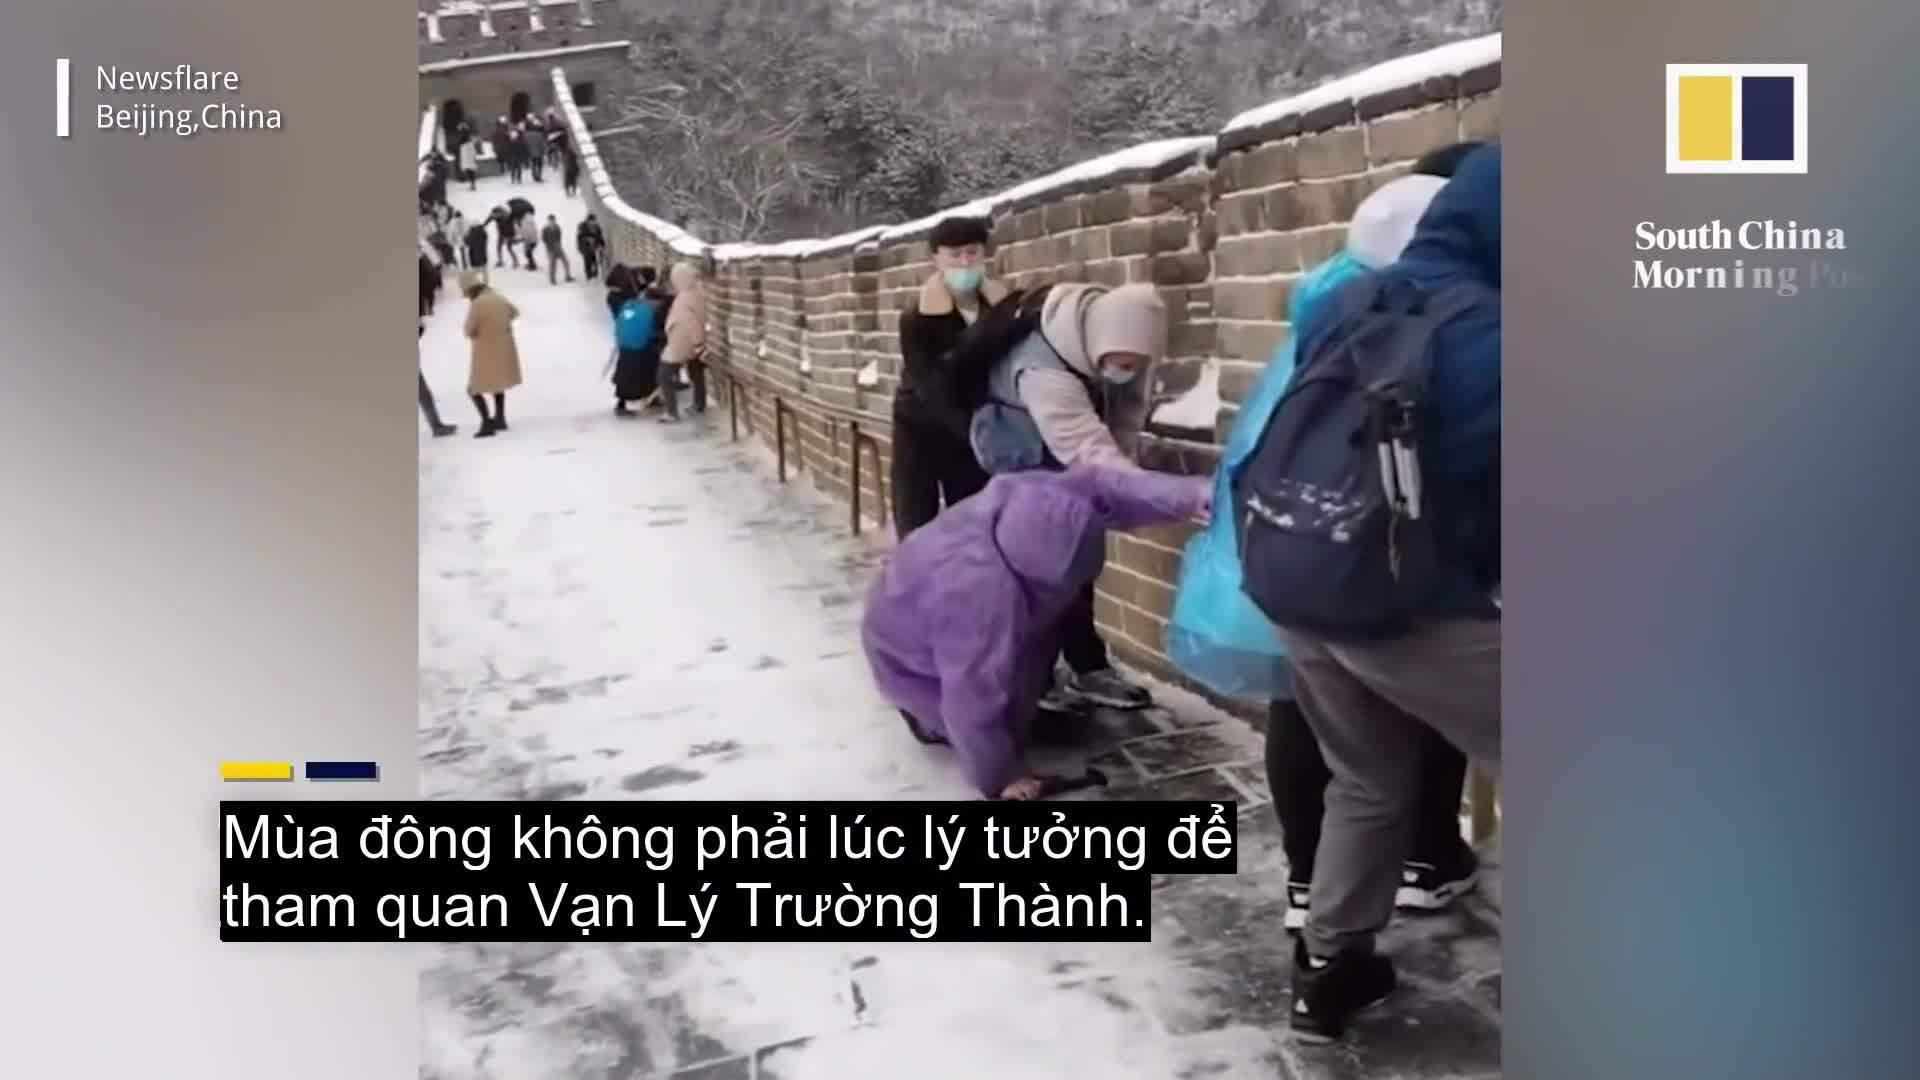 Du khách trượt dài khi leo Vạn Lý Trường Thành